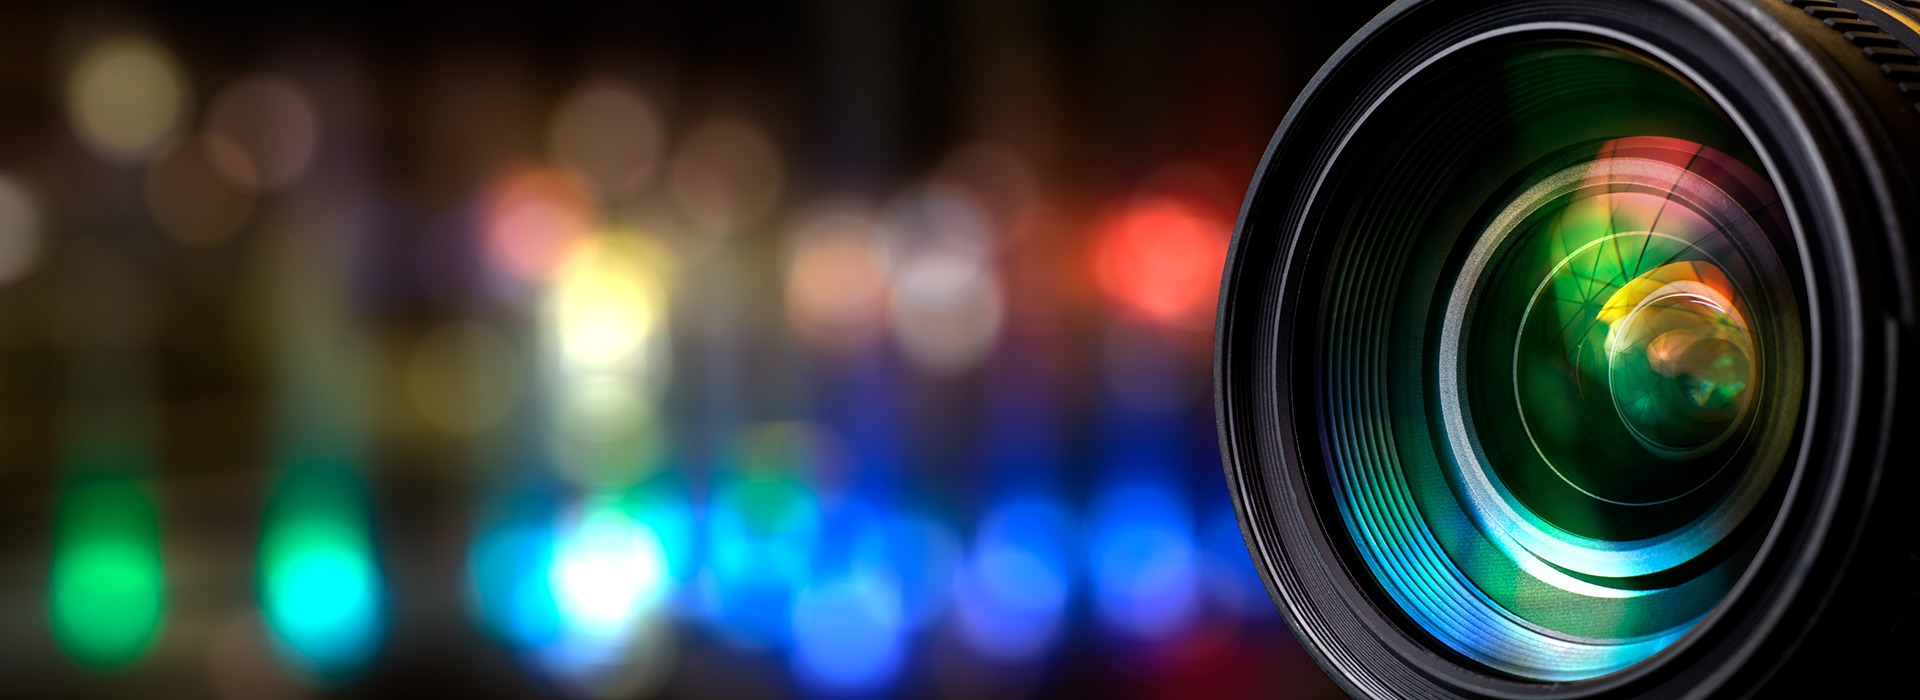 Slider Security Camera Lens